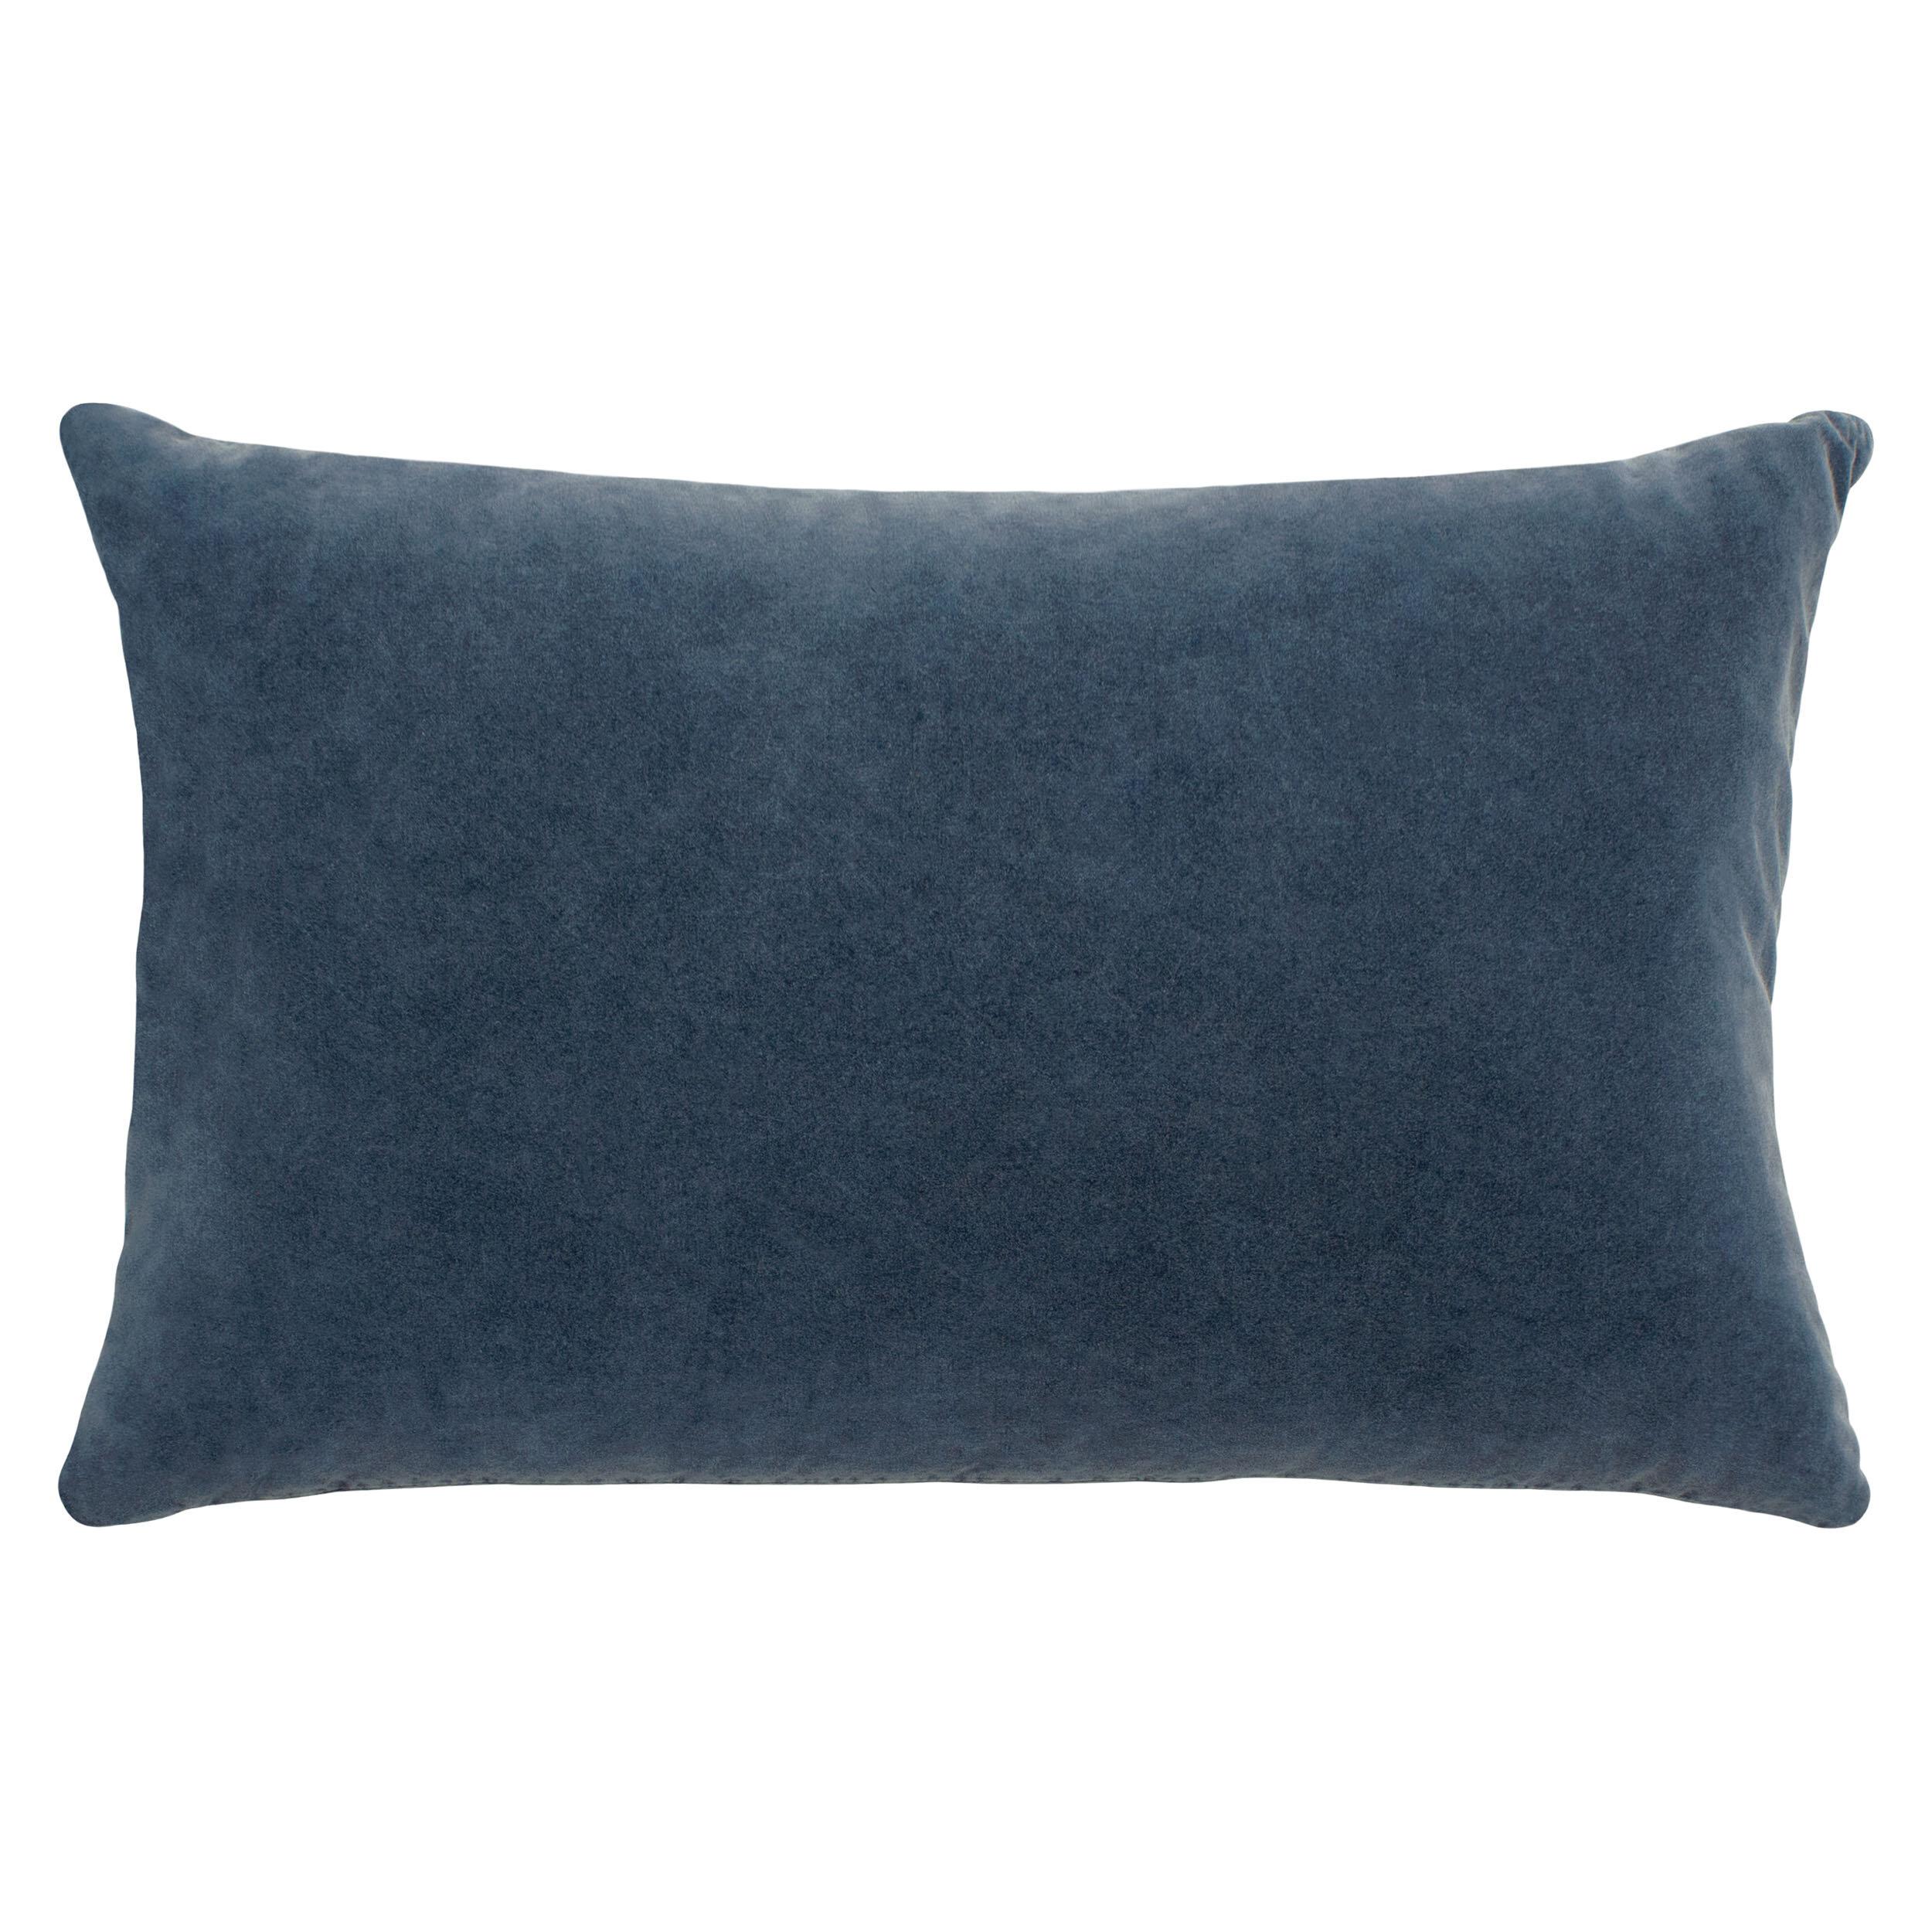 Image of: French Connection Kerensa Decorative Lumbar Pillow Reviews Joss Main